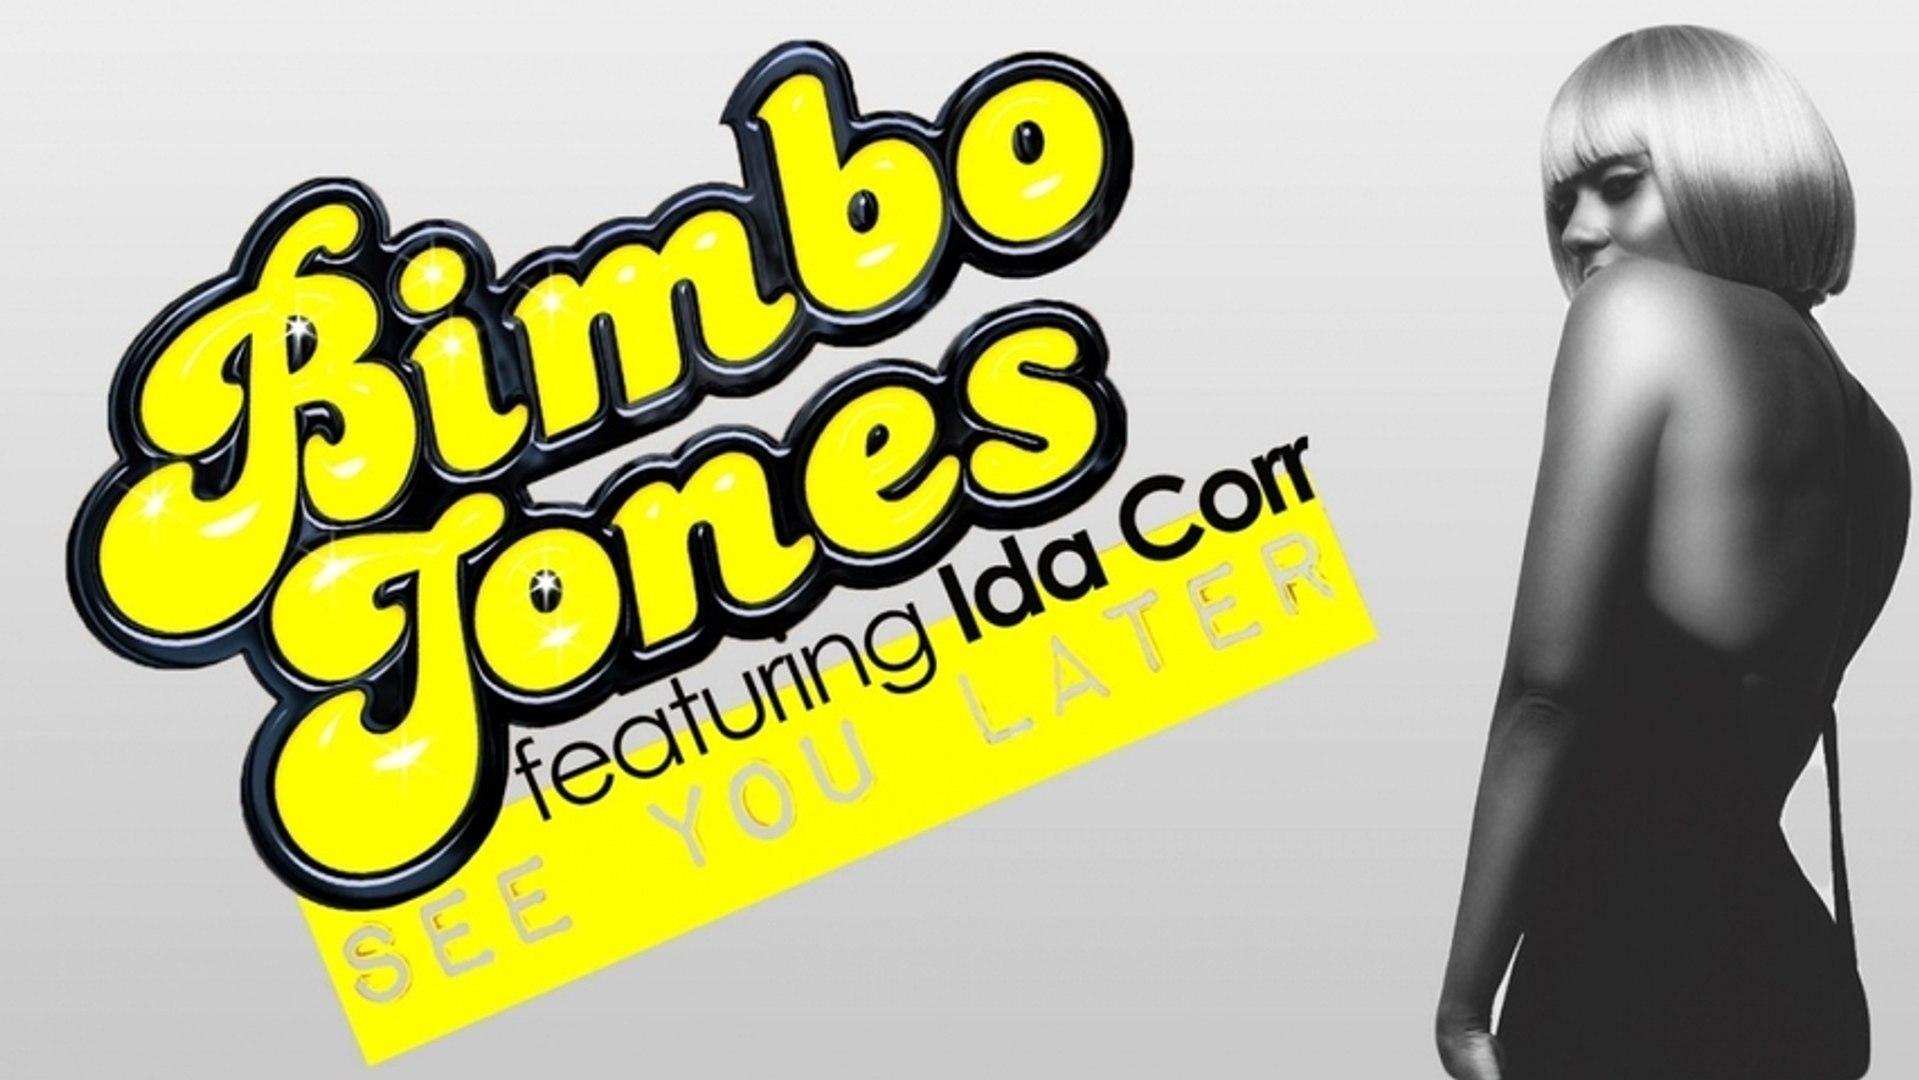 Bimbo Jones Feat. Ida Corr - See You Later (Stereo Palma Remix)